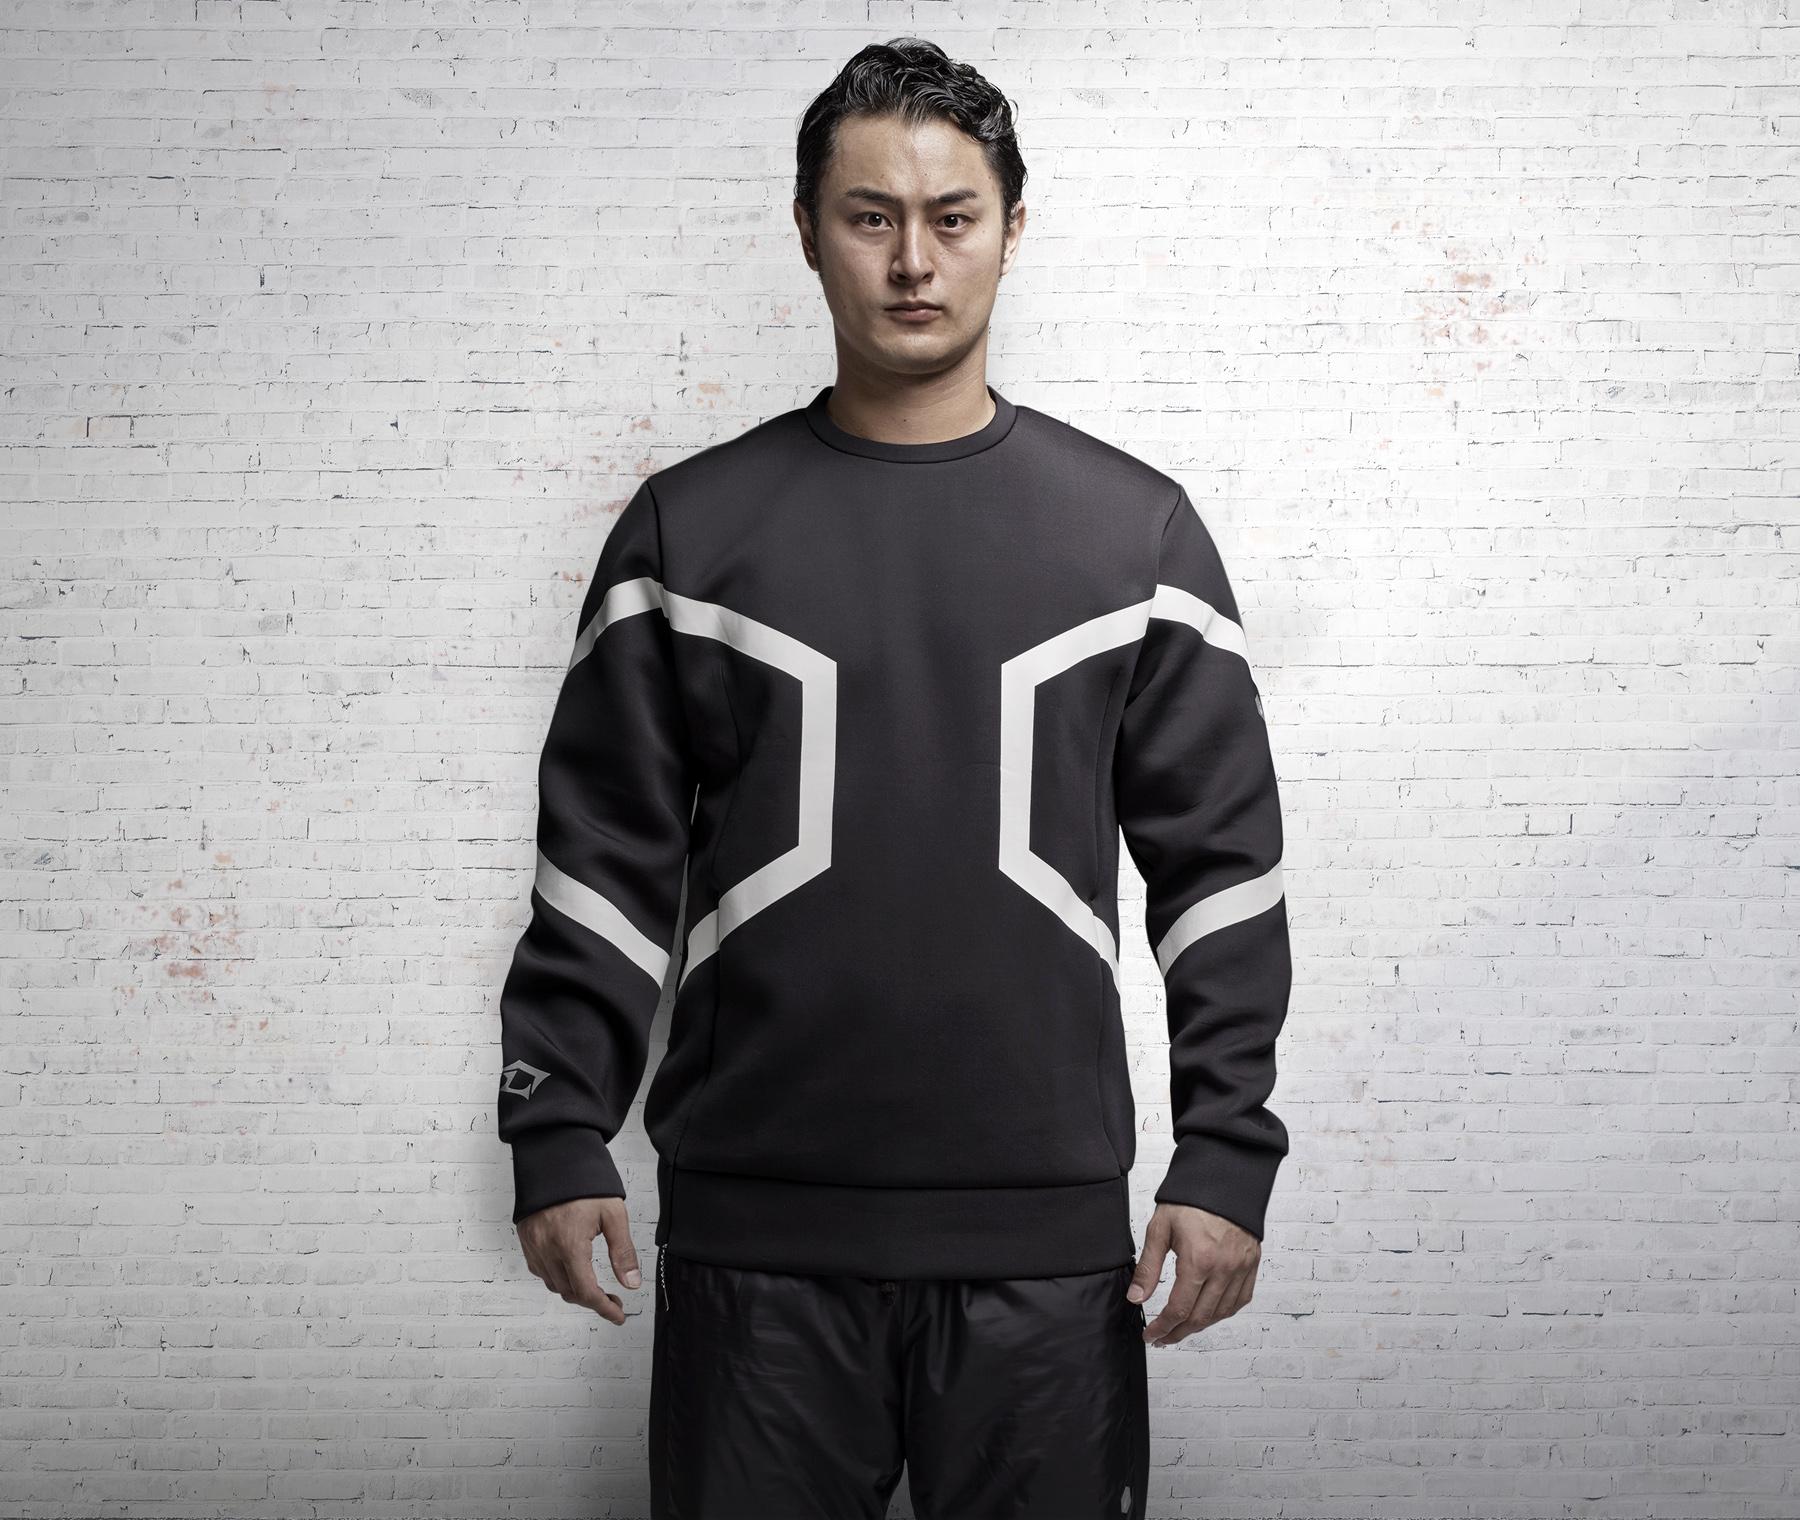 アシックス 「」ブランドからダルビッシュ有選手モデルの トレーニングアパレルを発売 asics